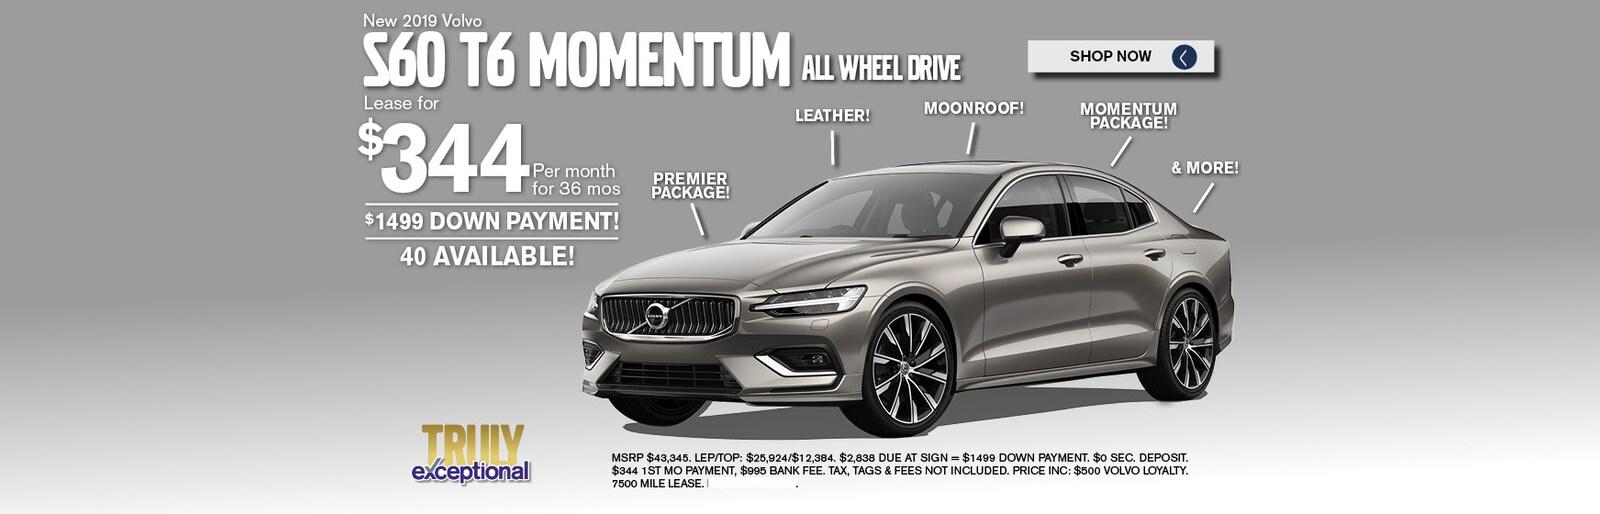 New Volvo Used Car Dealer In Huntington Ny Volvo Cars